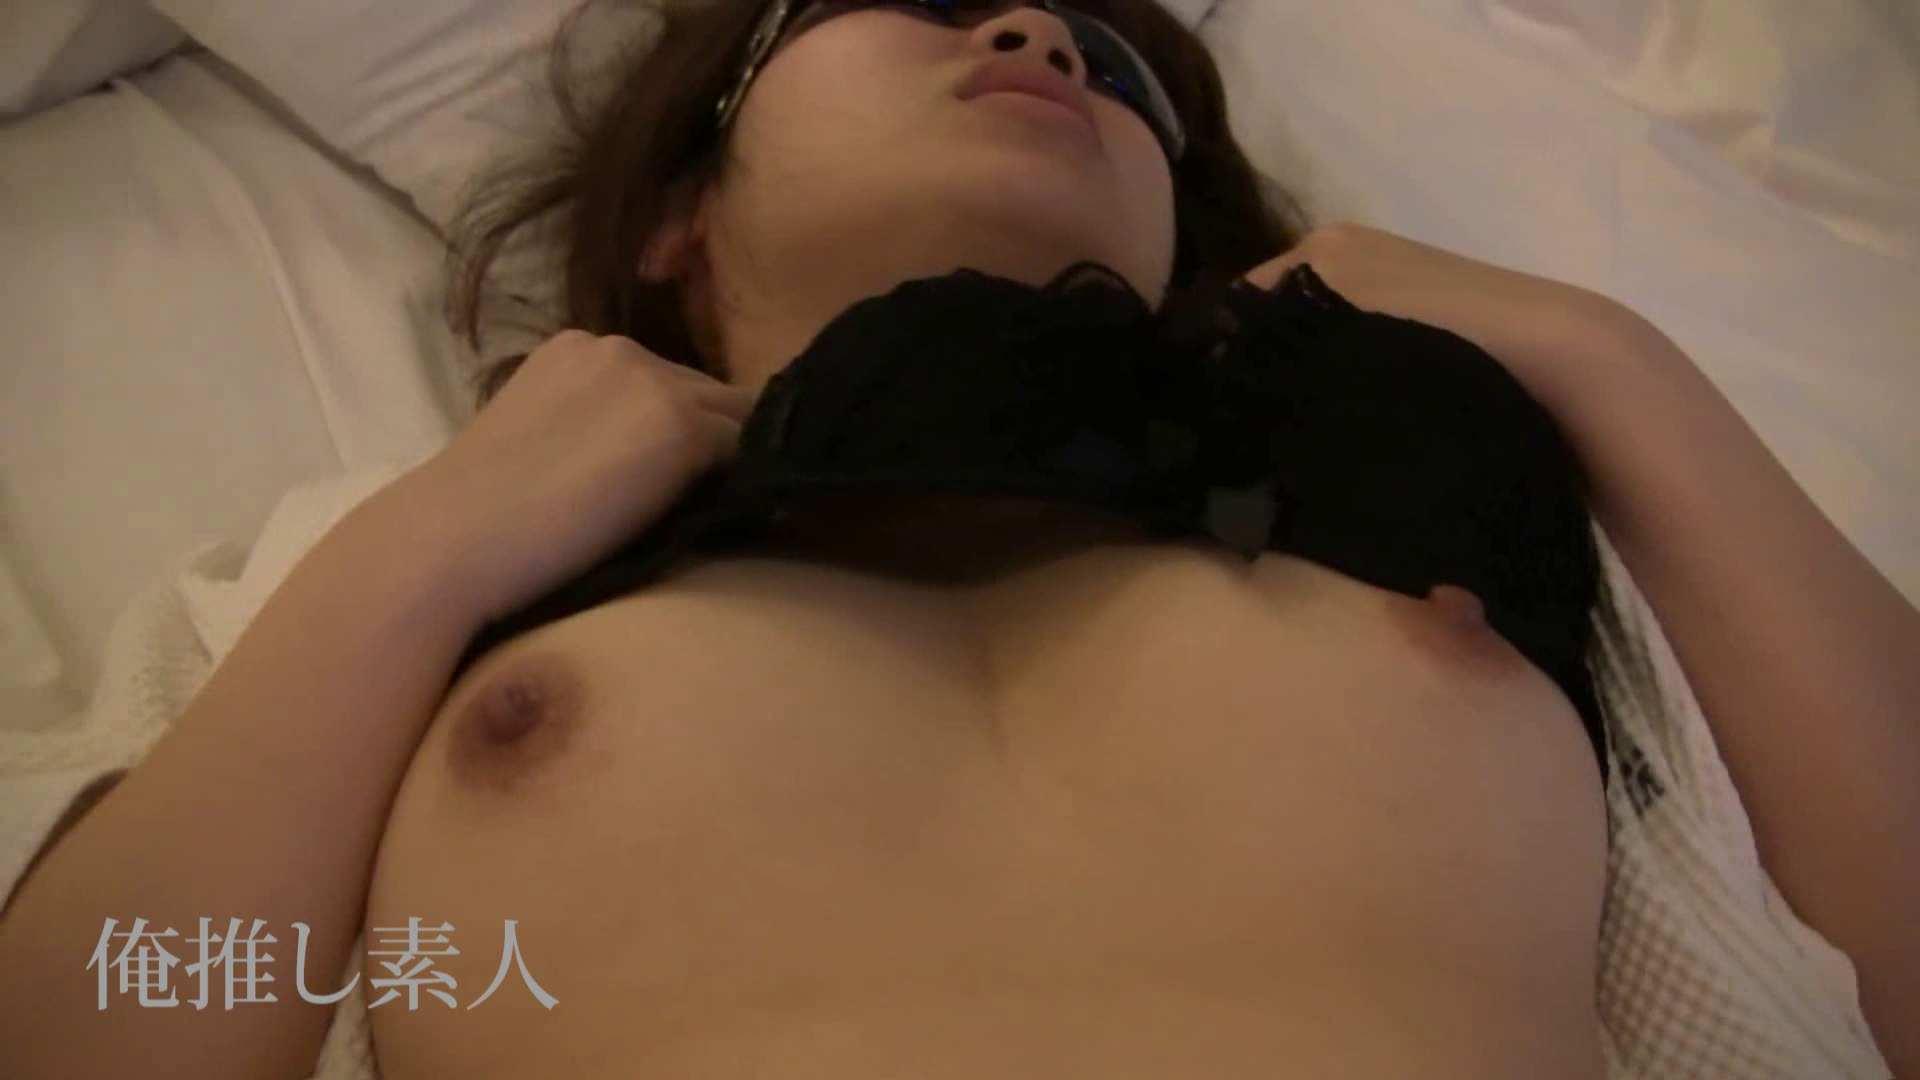 エロ動画:俺推し素人 ゆき:大奥